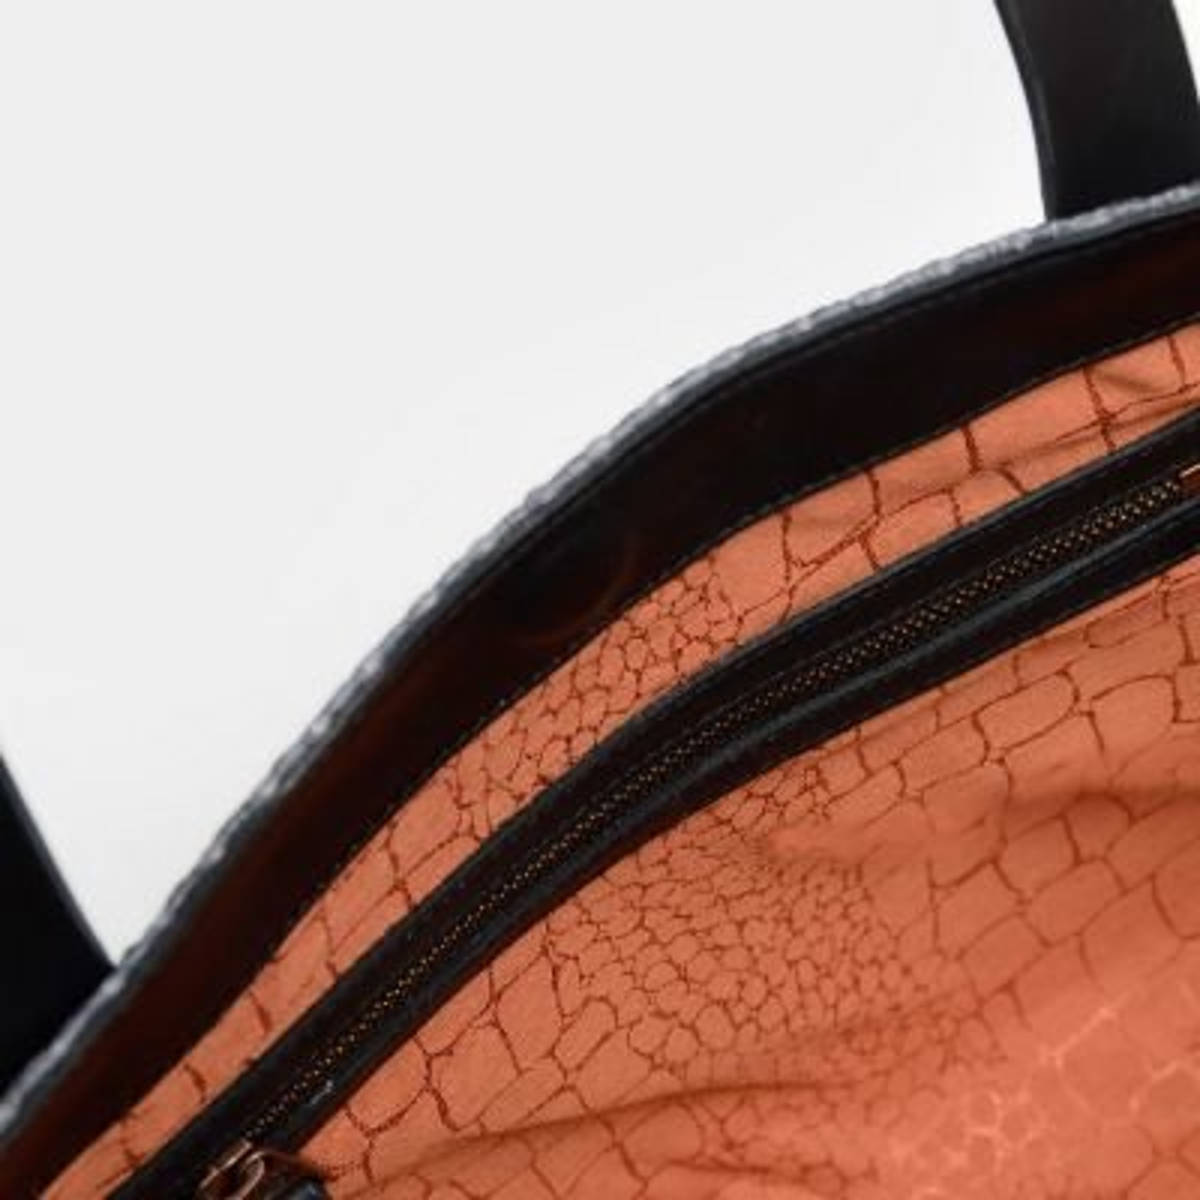 fred de la bretoniere zwarte schoudertas van raffia 292010001 binnenkant rits